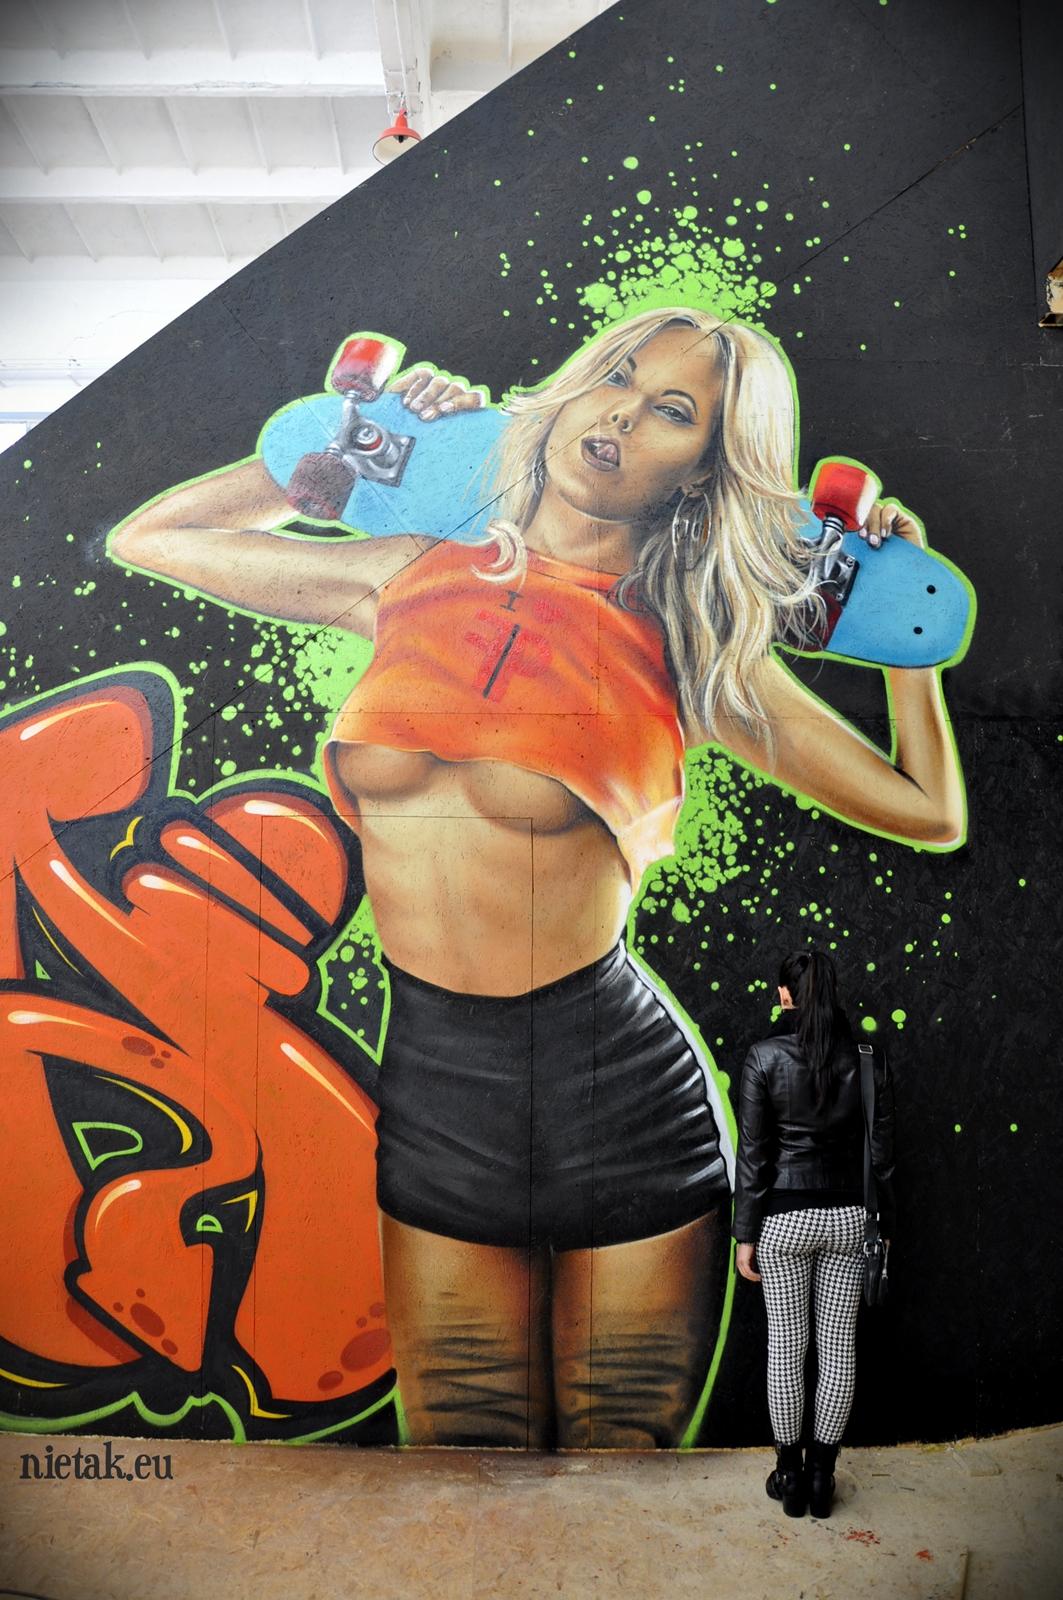 nietak,eu,malowanie artystyczne,graffiti,warsztaty graffiti, aerograf,nietak.eu